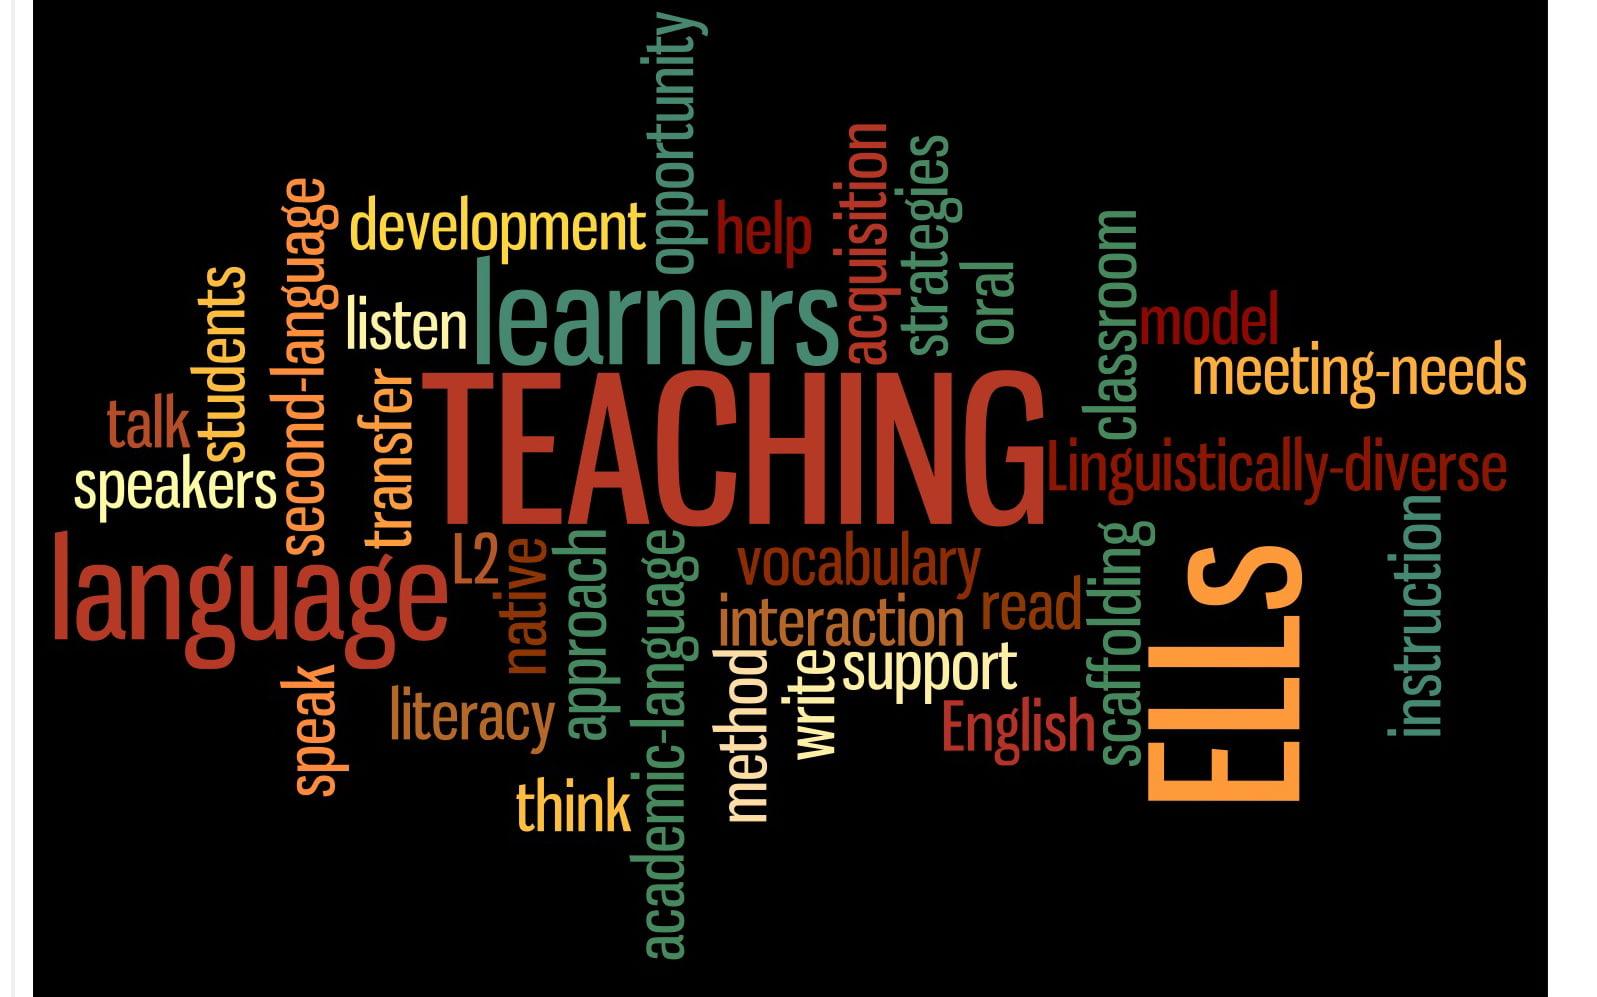 İngilizce öğrenme yolları nelerdir